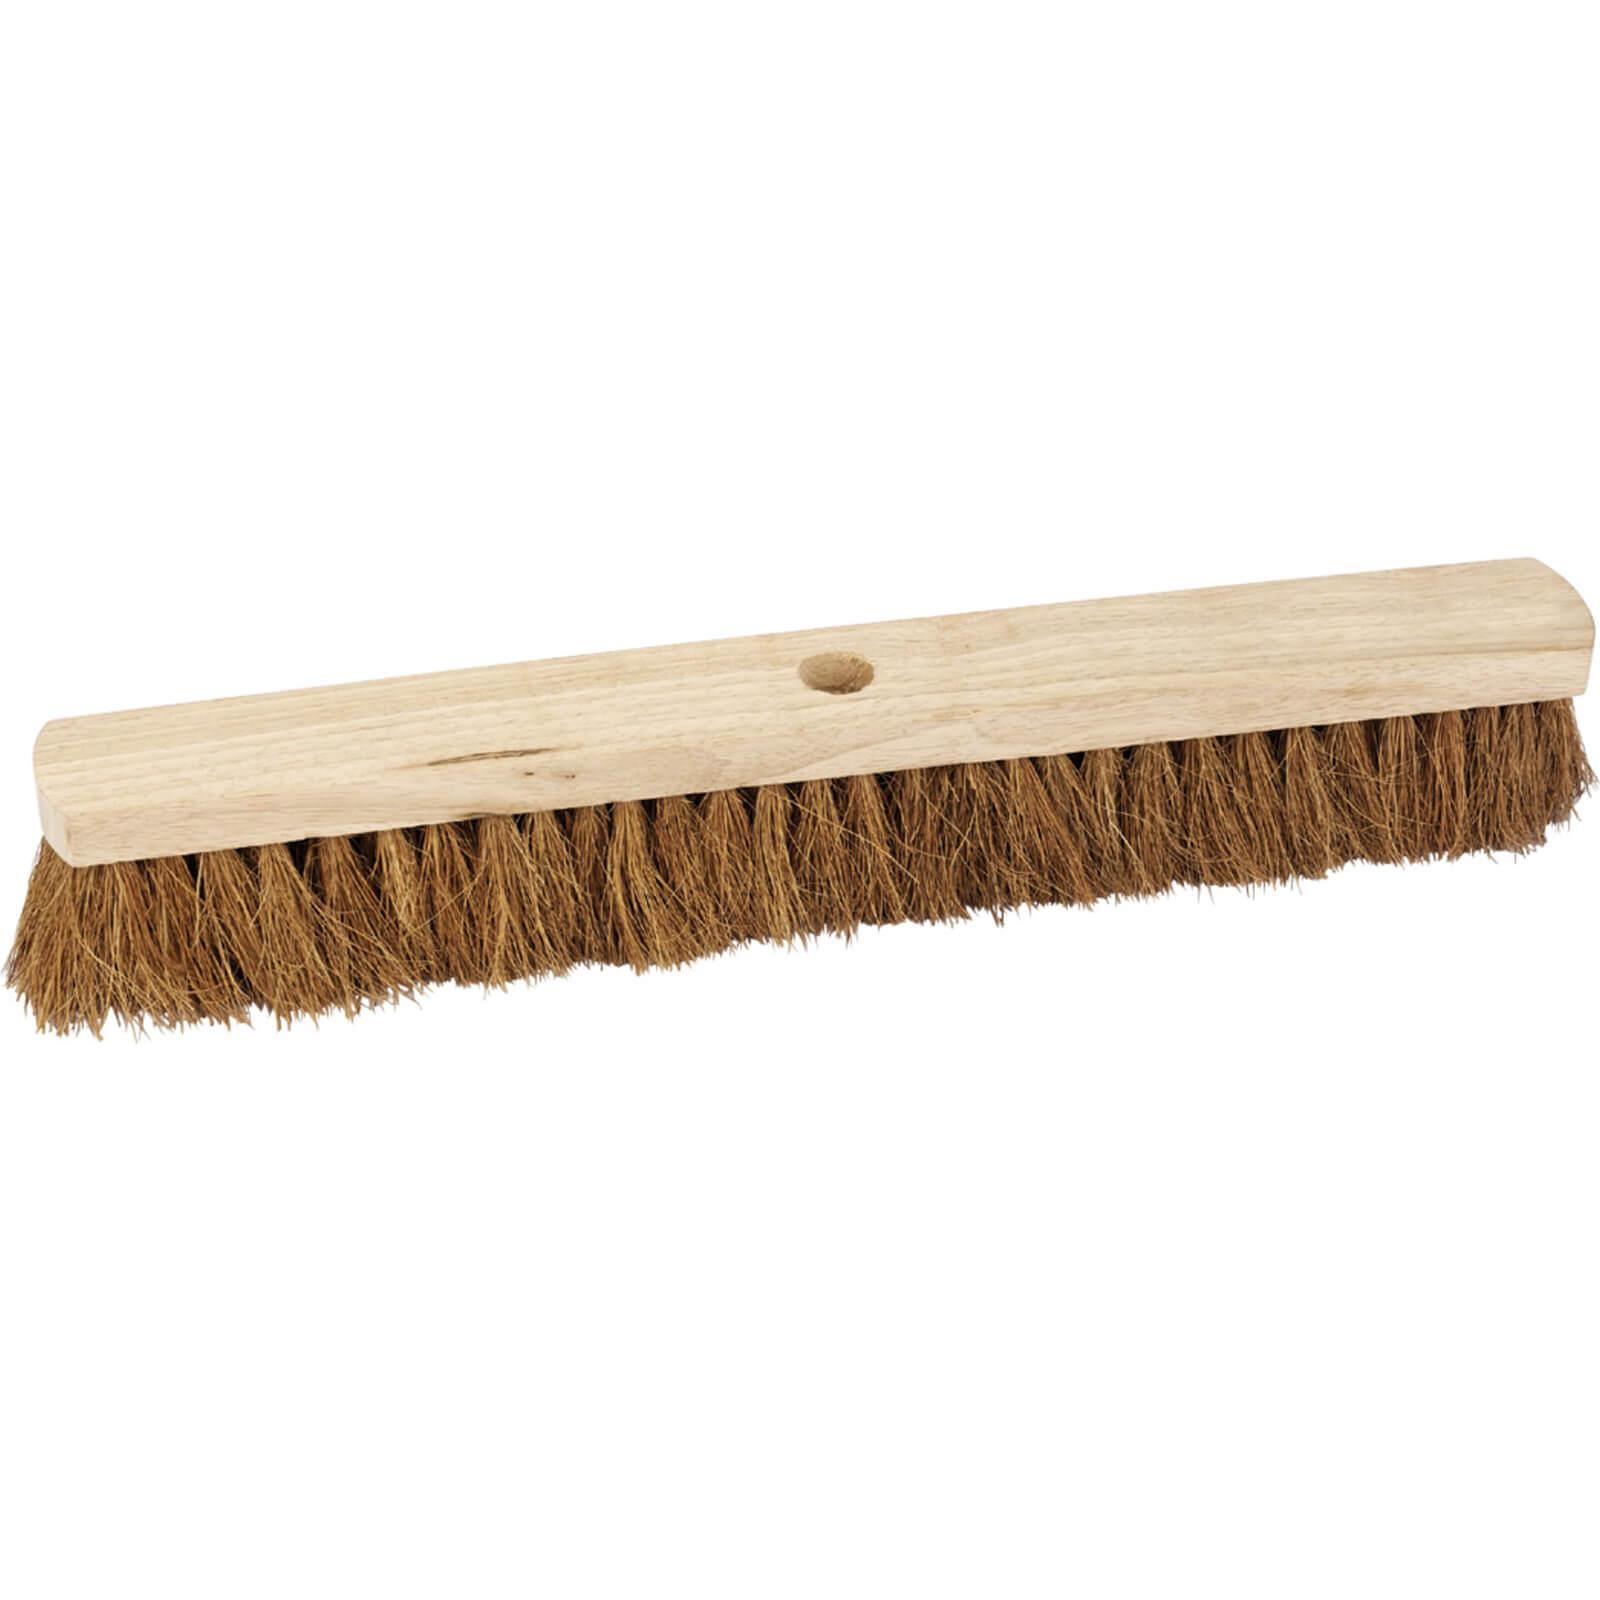 """Image of Draper Soft Coco Broom Head 24"""""""